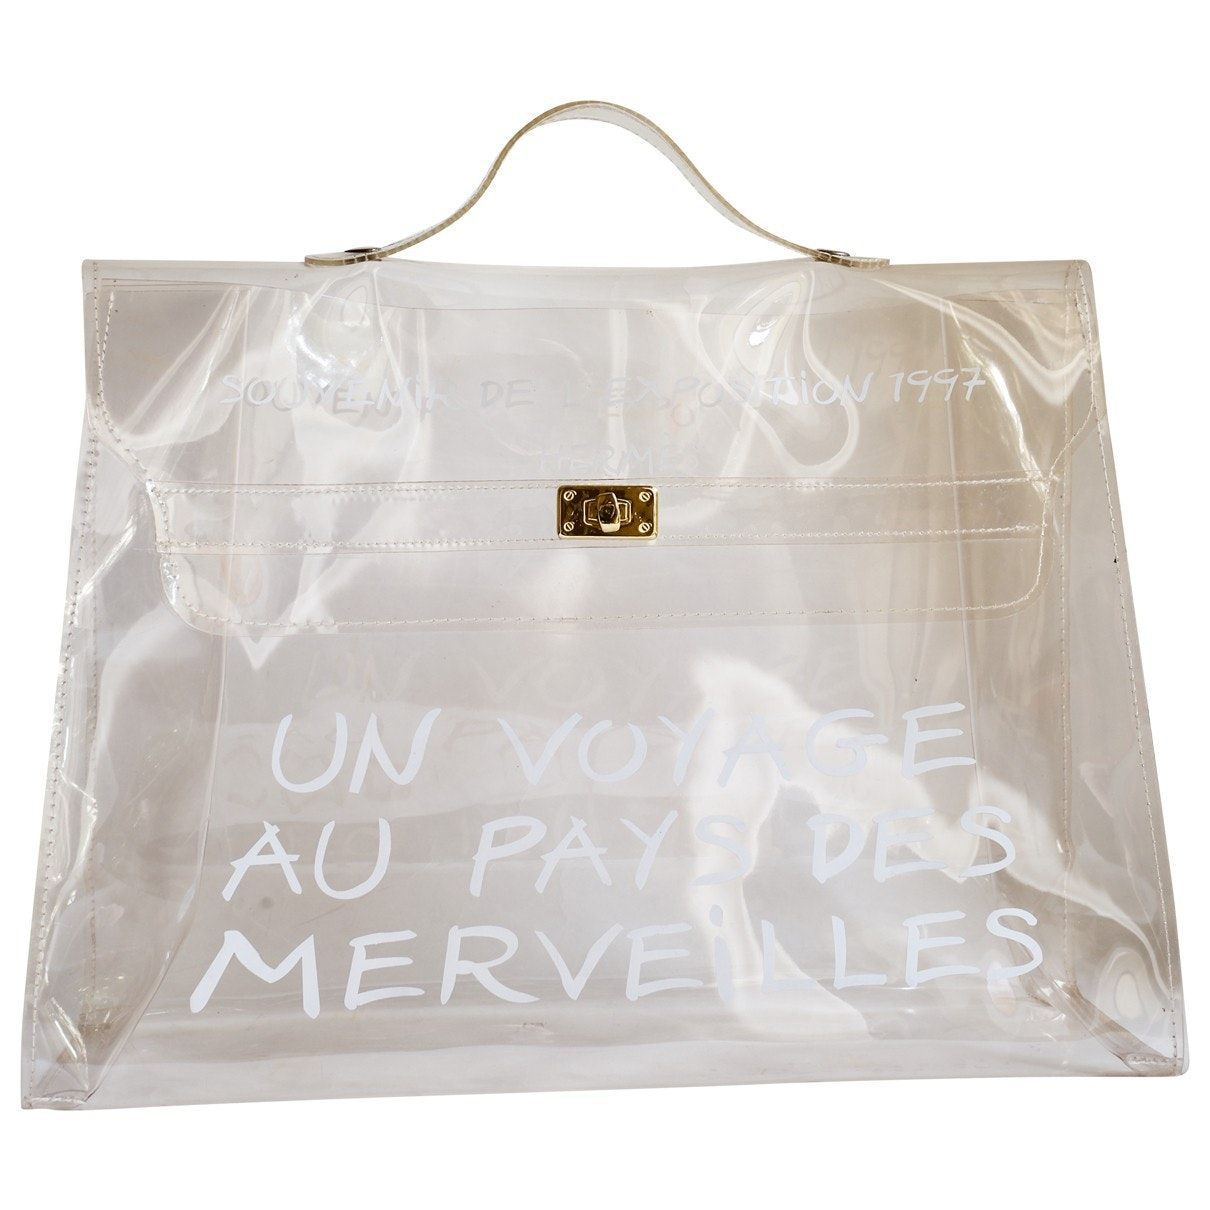 16c5f7fcf6 Borsa a mano Kelly 40 HERMÈS in Plastica - Vestiaire Collective ...